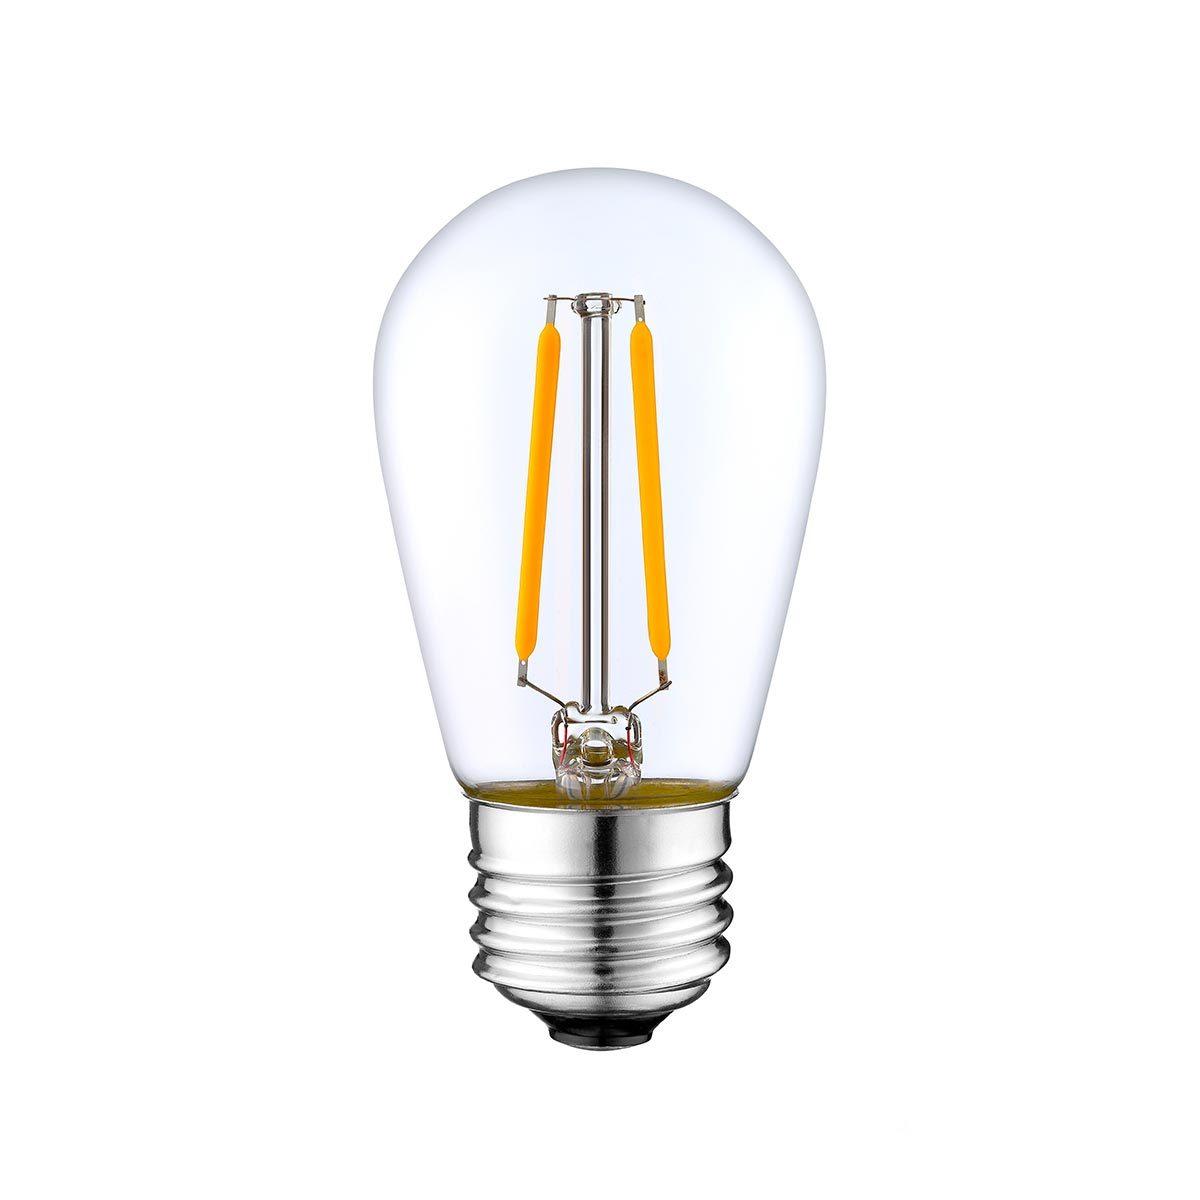 Ampoule LED E27 filament verre transparent H10cm